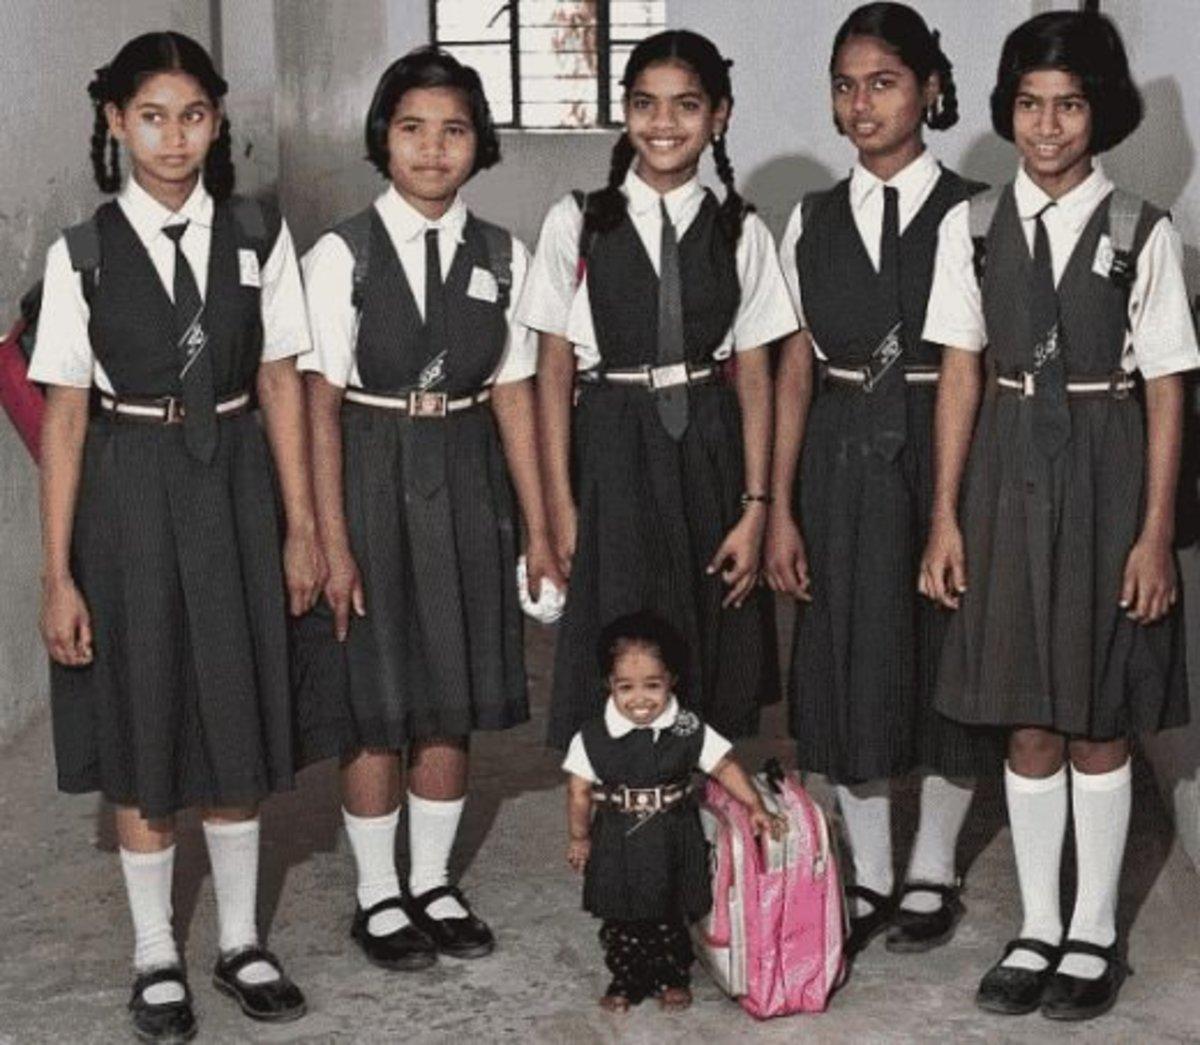 Jyoti's schoolfriends tower over her but never look down in her